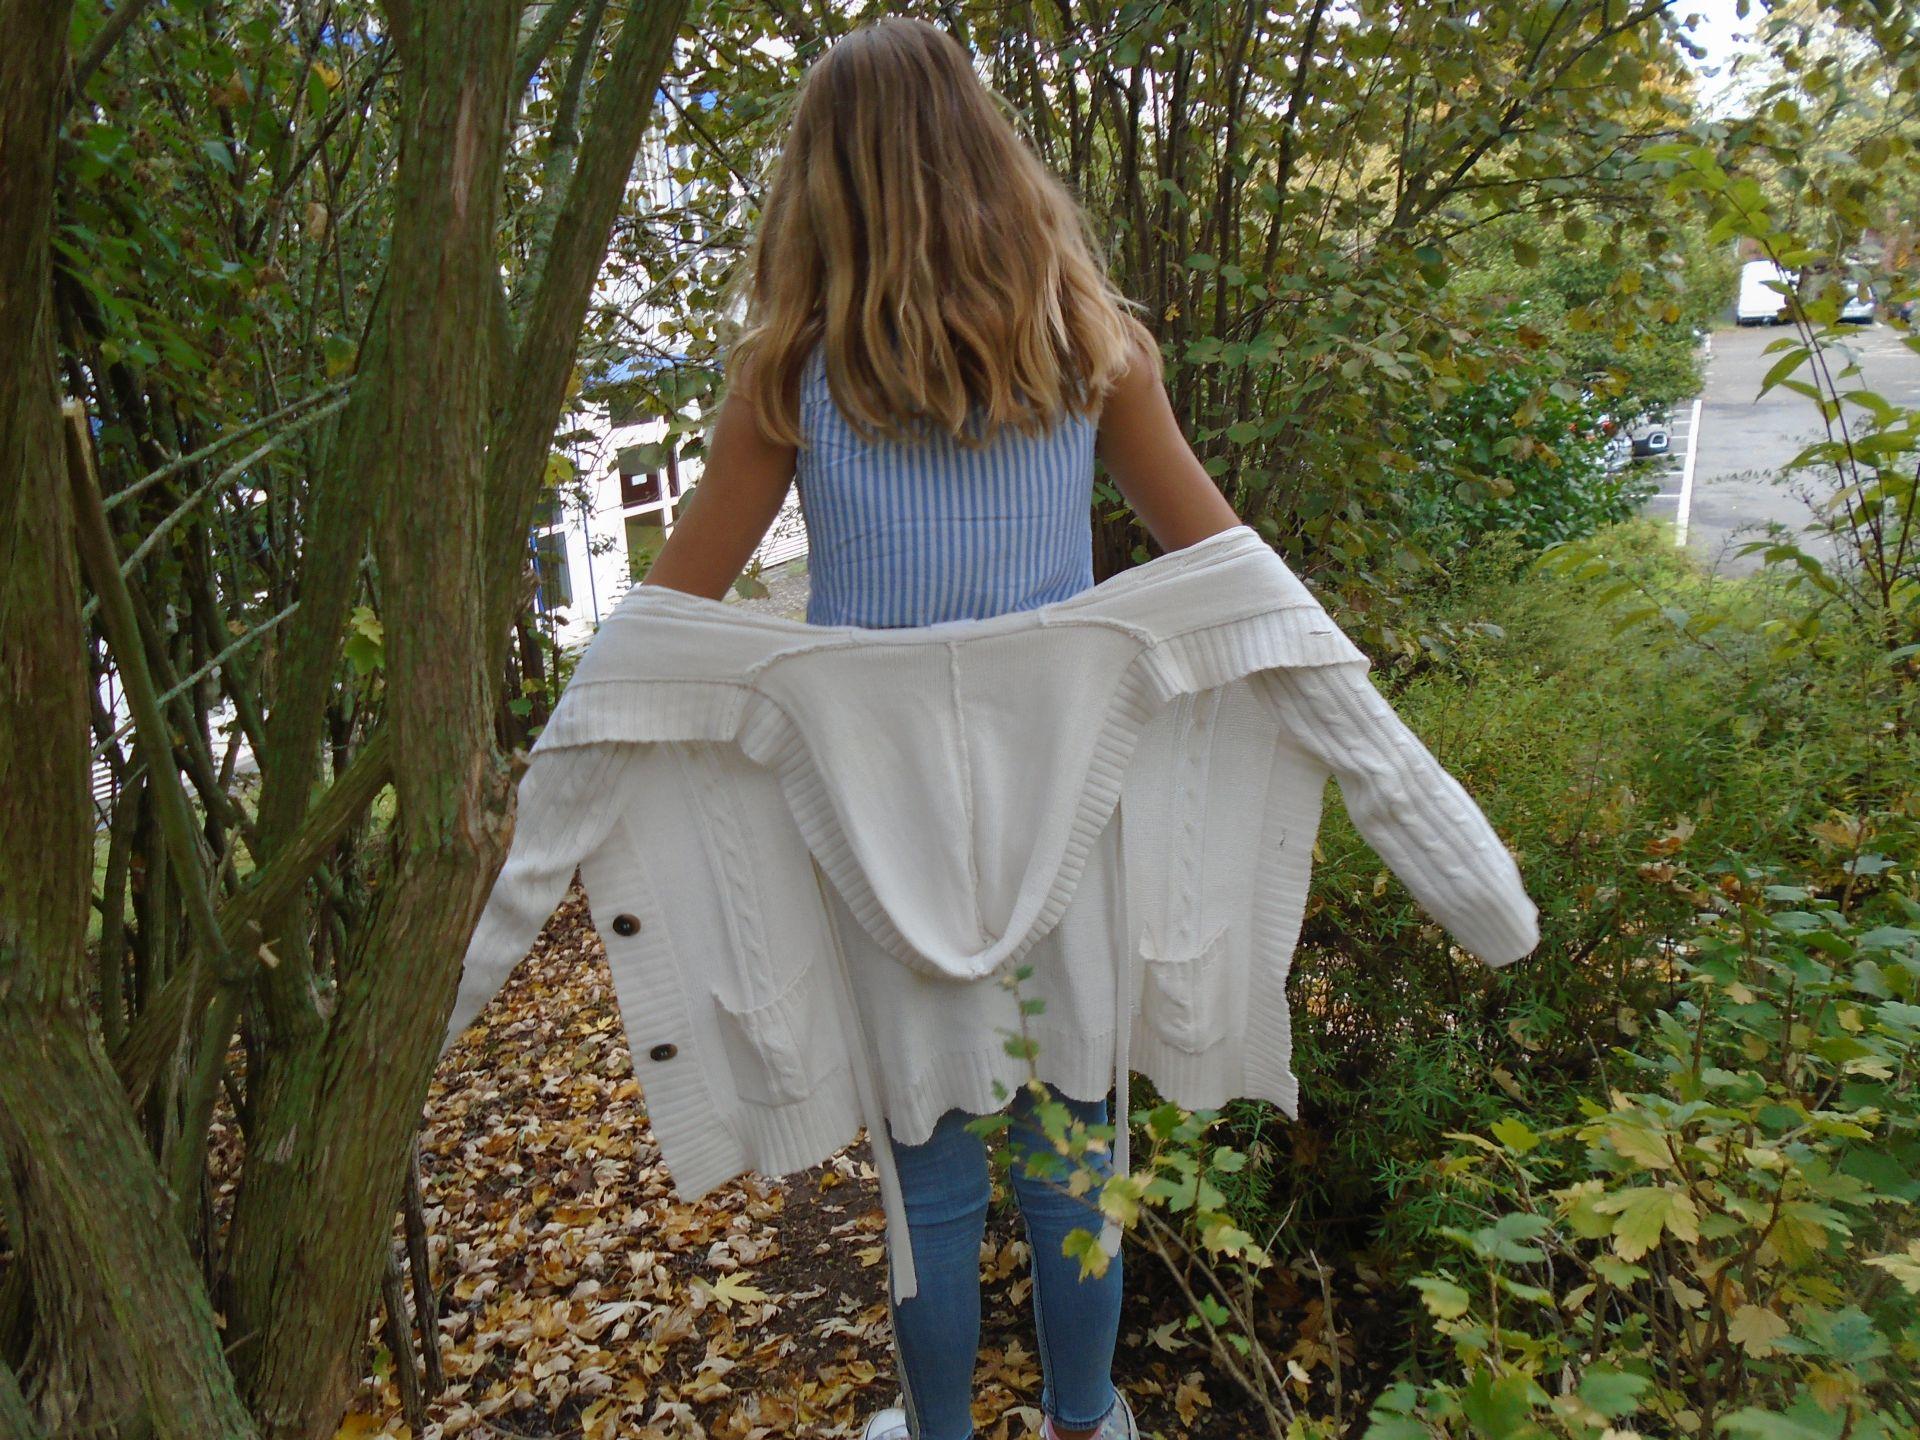 Mädchen im Wald mit Rücken zur Kamera und weiße Strickjacke hab ausgezogen